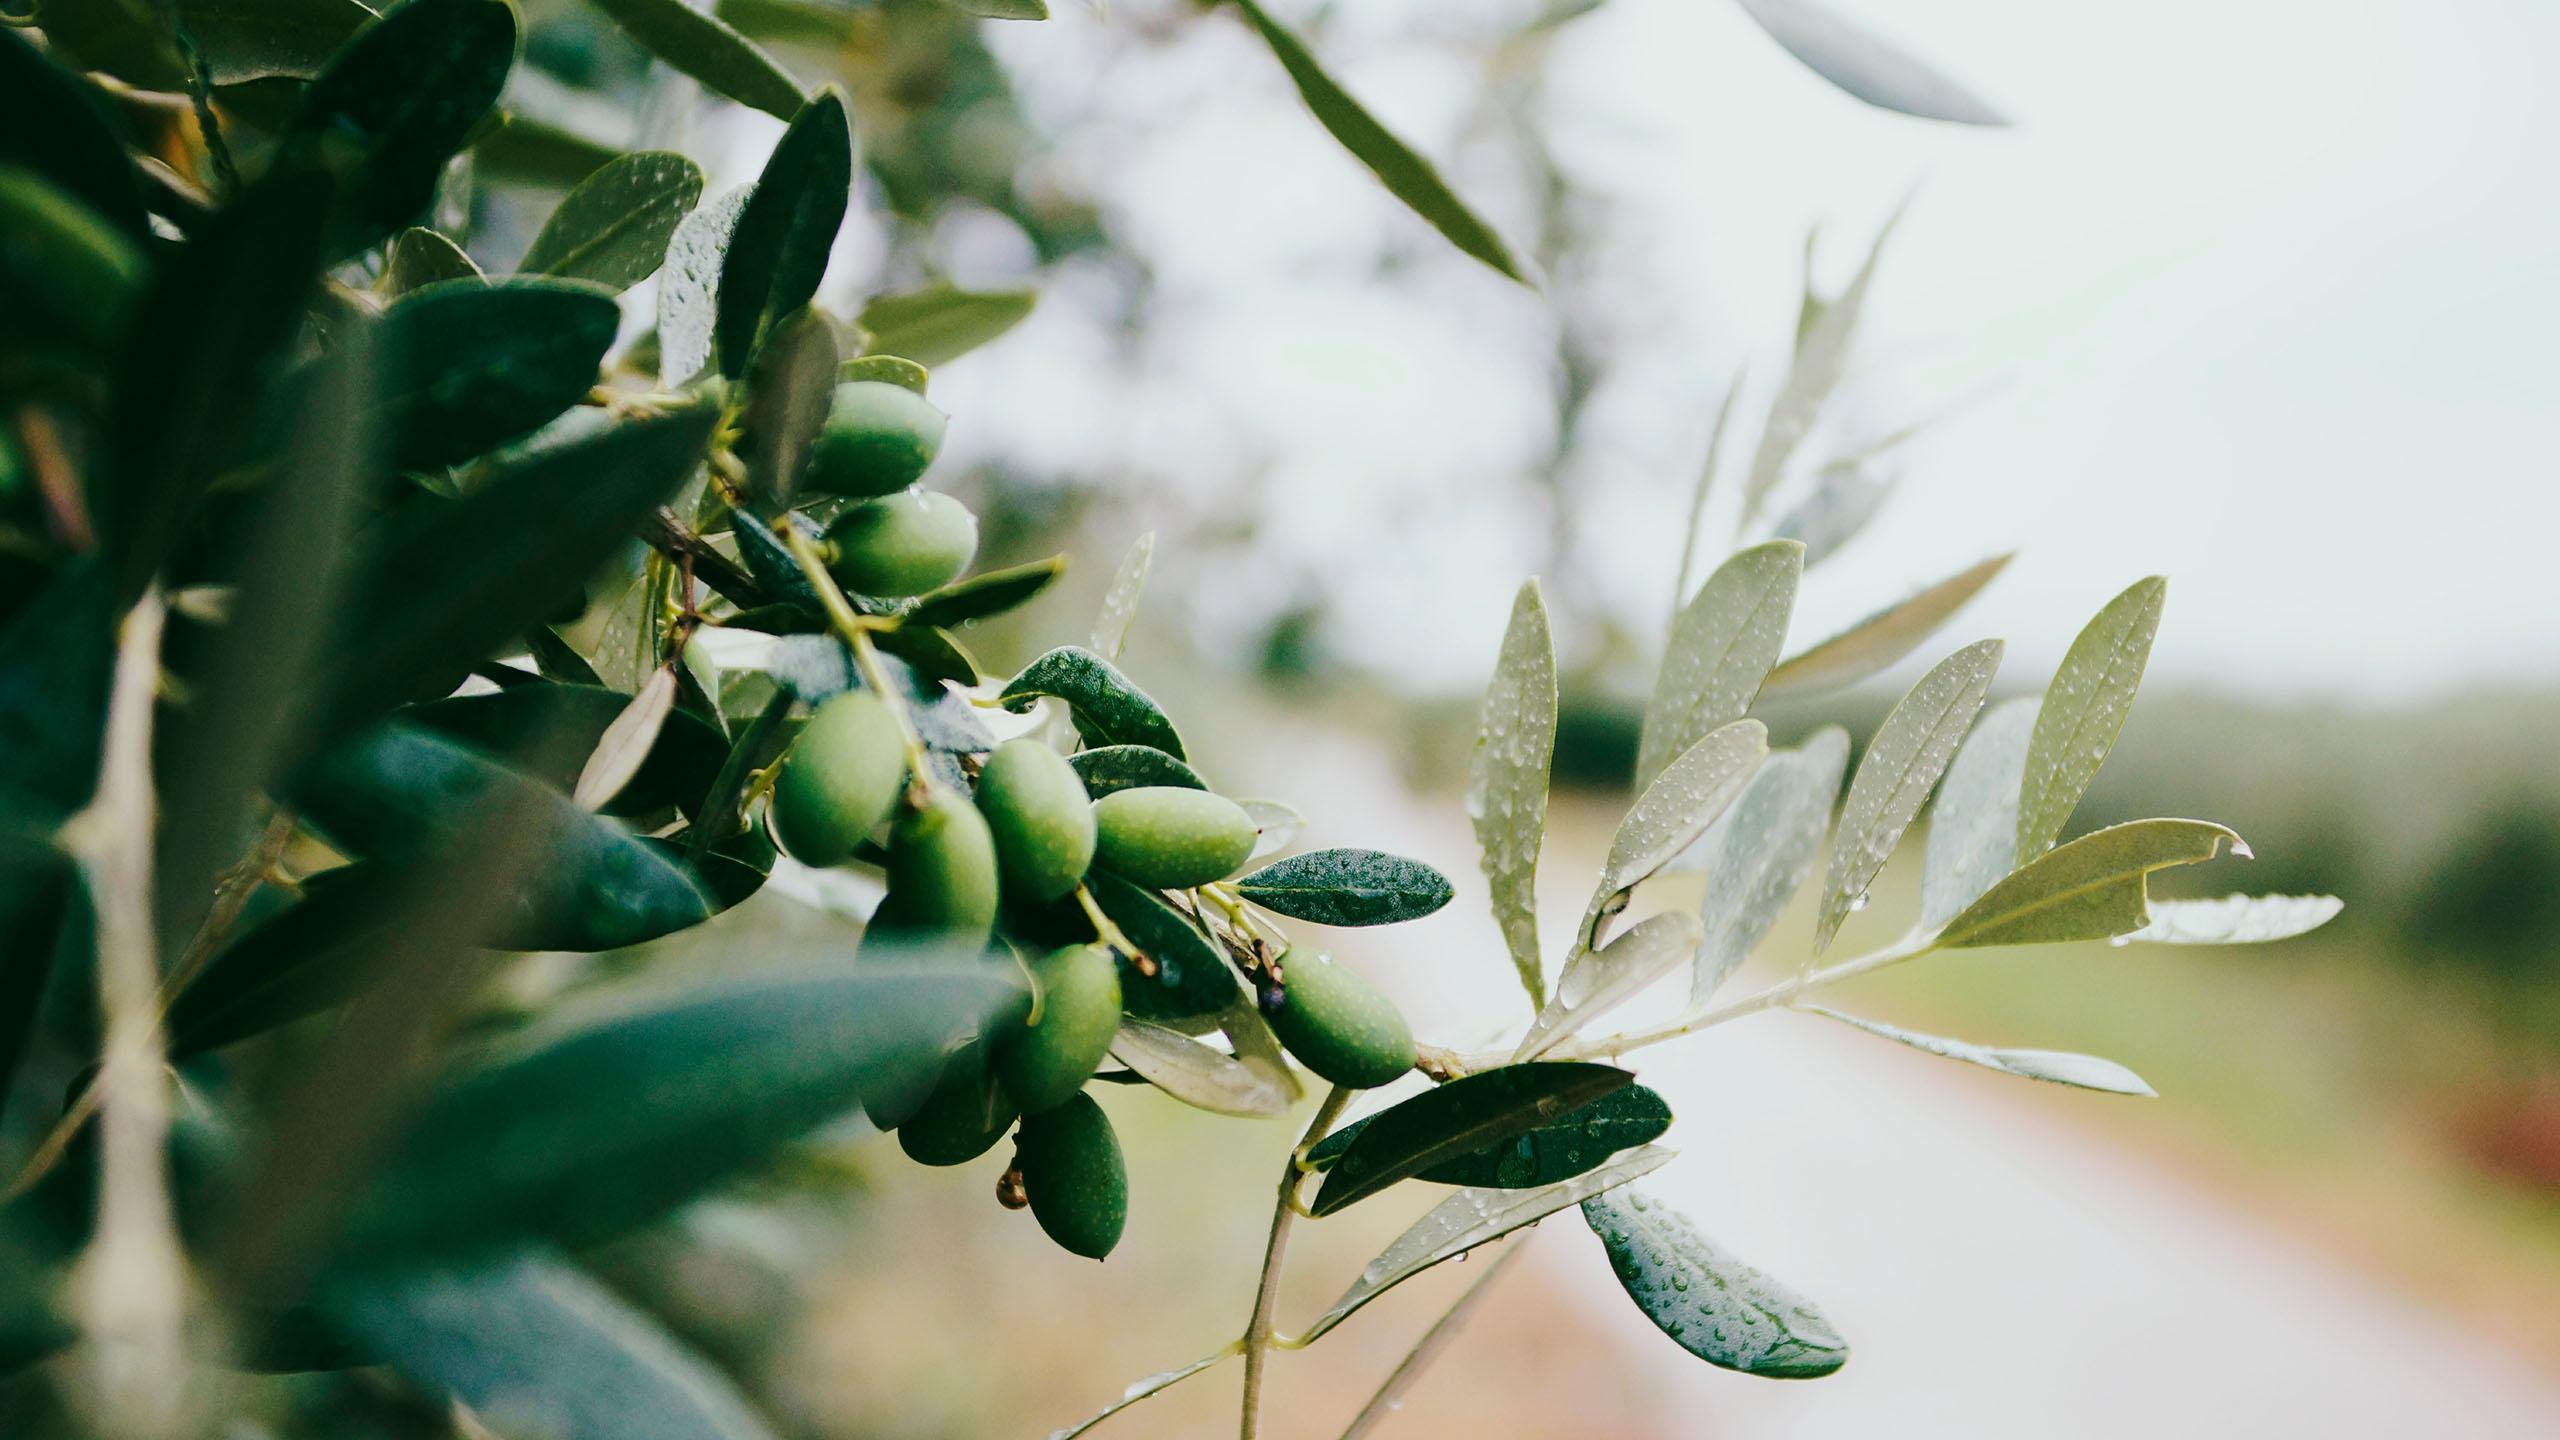 aceite, aceite de olivo